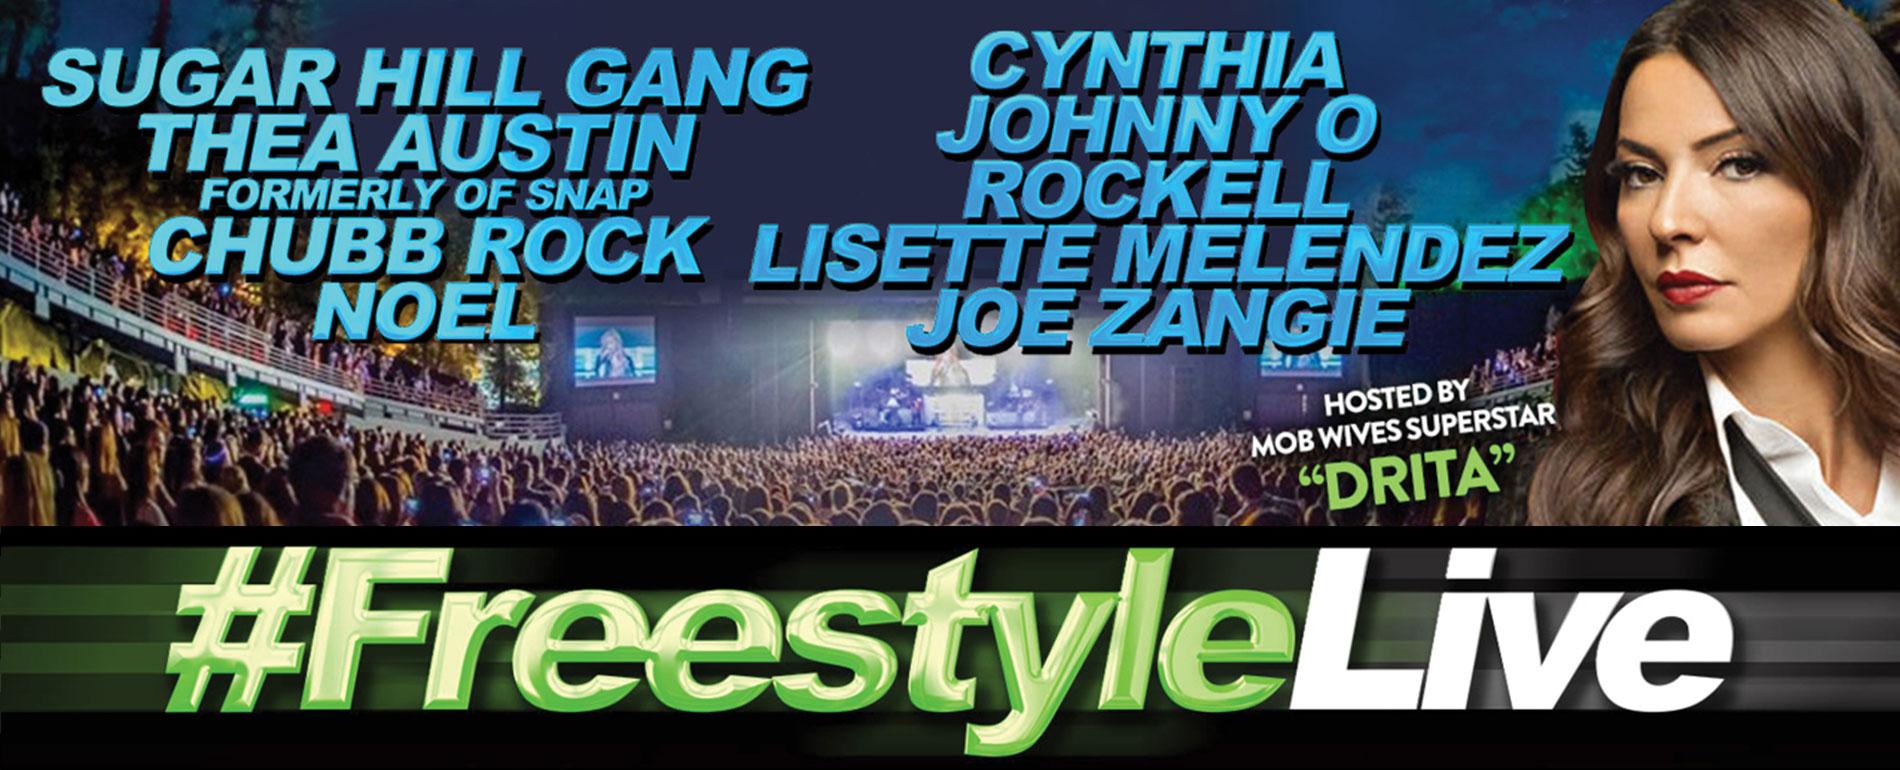 freestylelive - pocono live summer concert